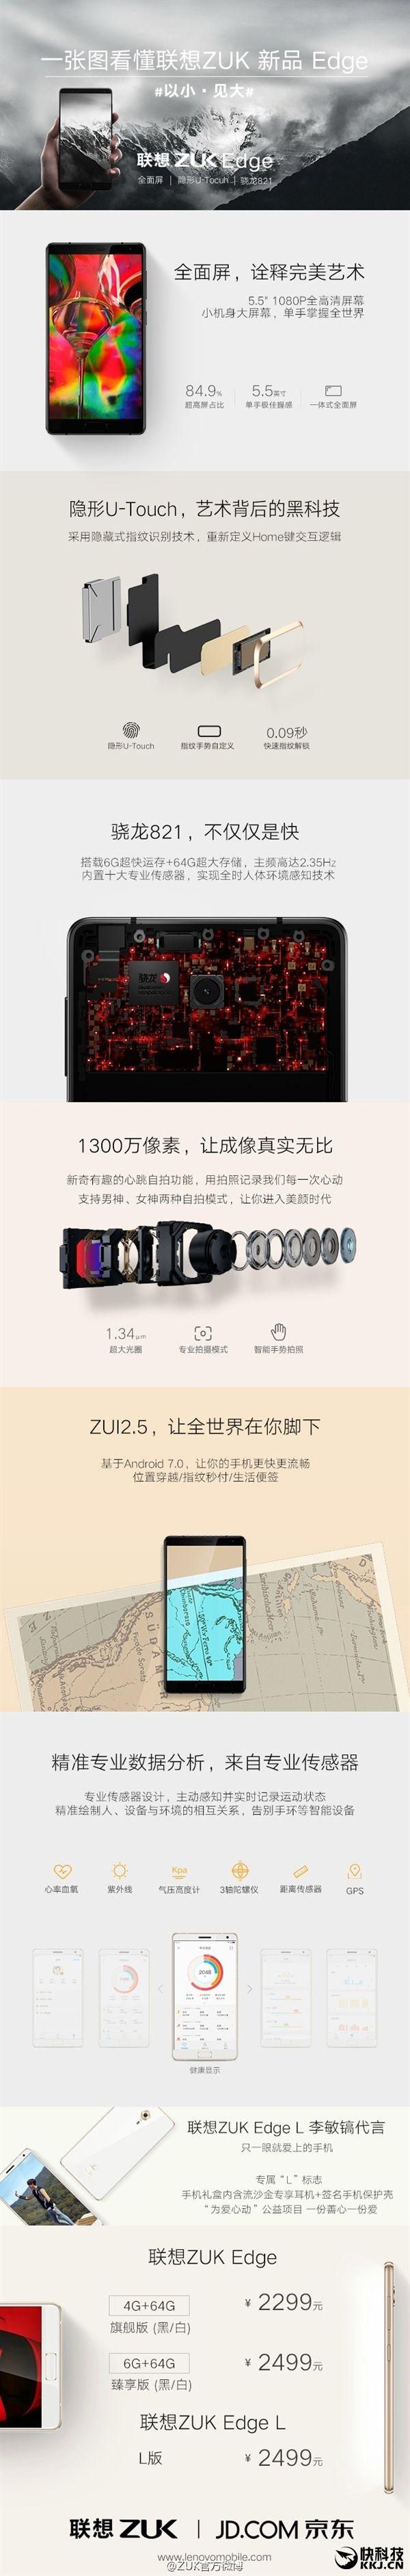 ZUK Edge с чипом Snapdragon 821 и дисплеем, занимающим 86,4% площади фронтальной поверхности представлен – фото 2